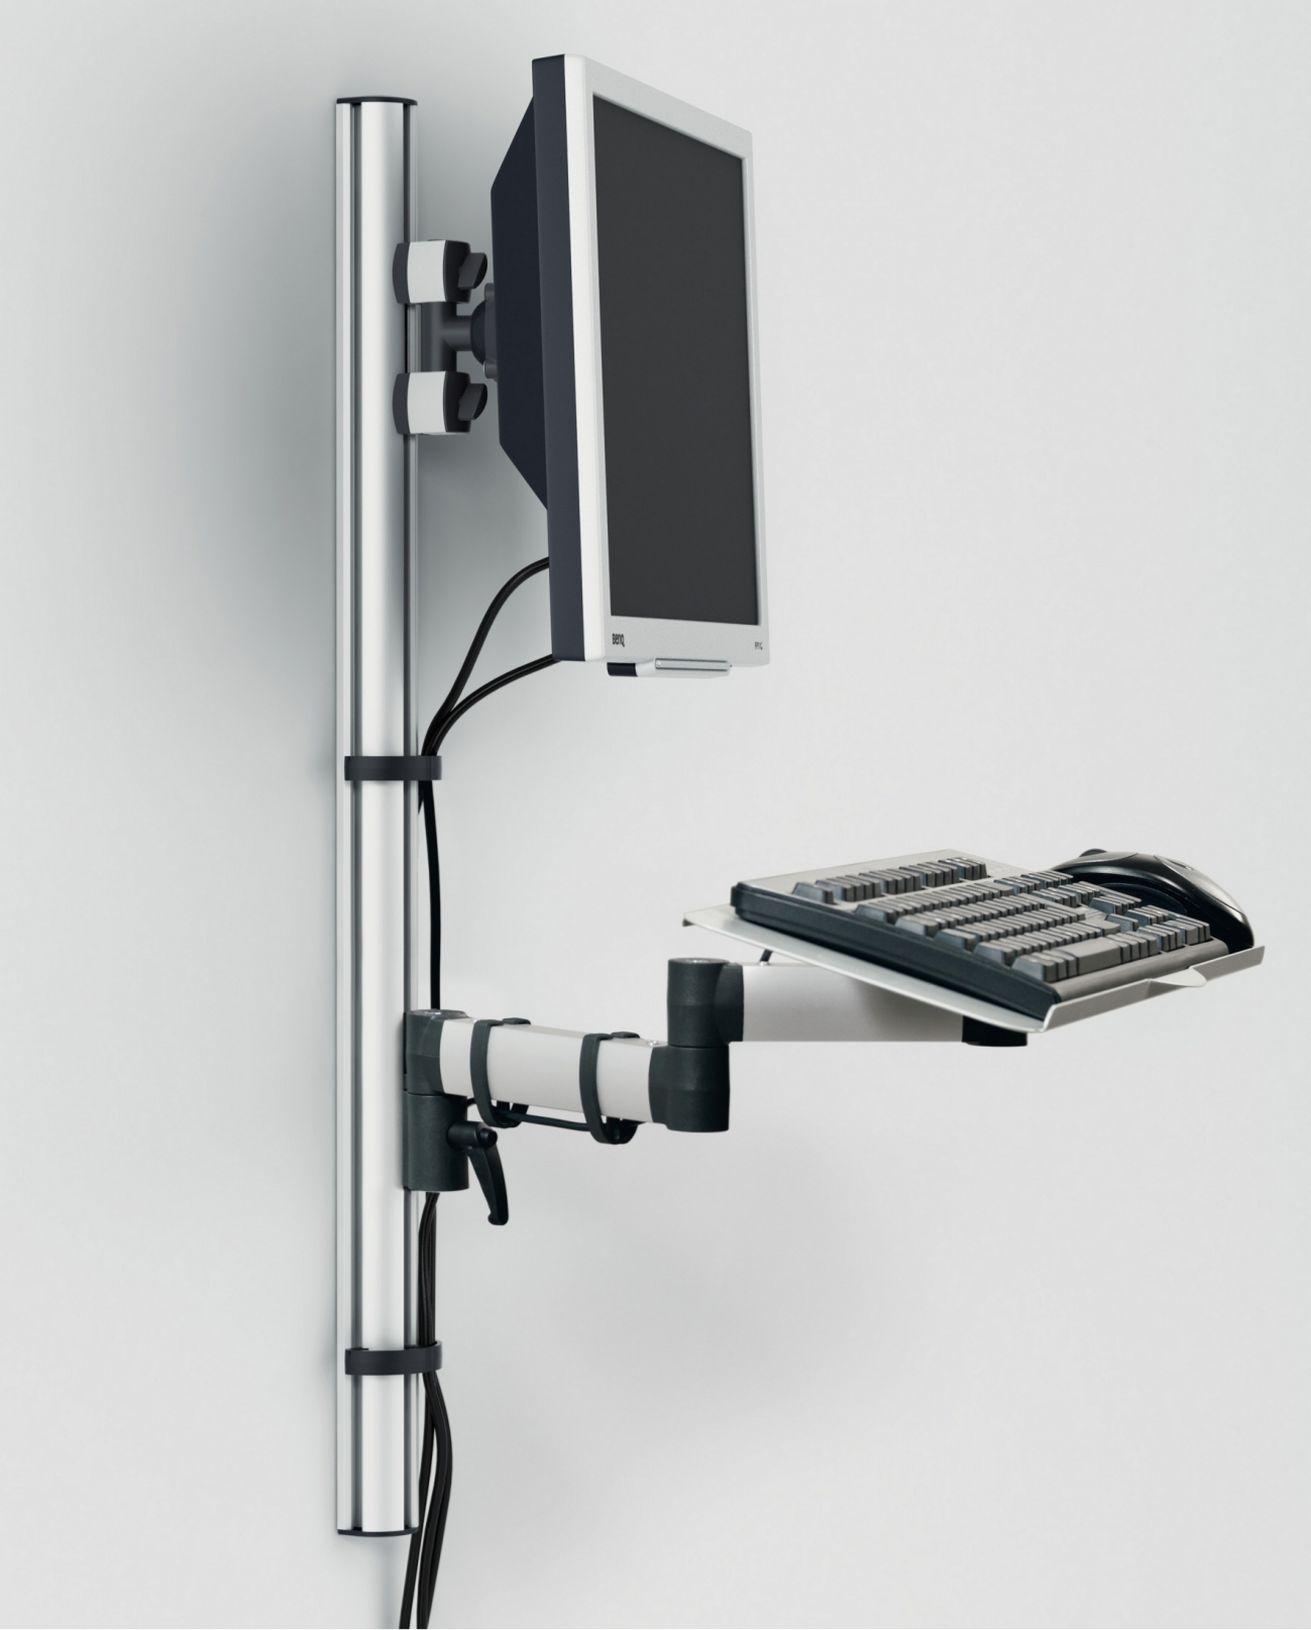 höhenverstellbare Monitor-Wandhalterung mit Tastaturablage